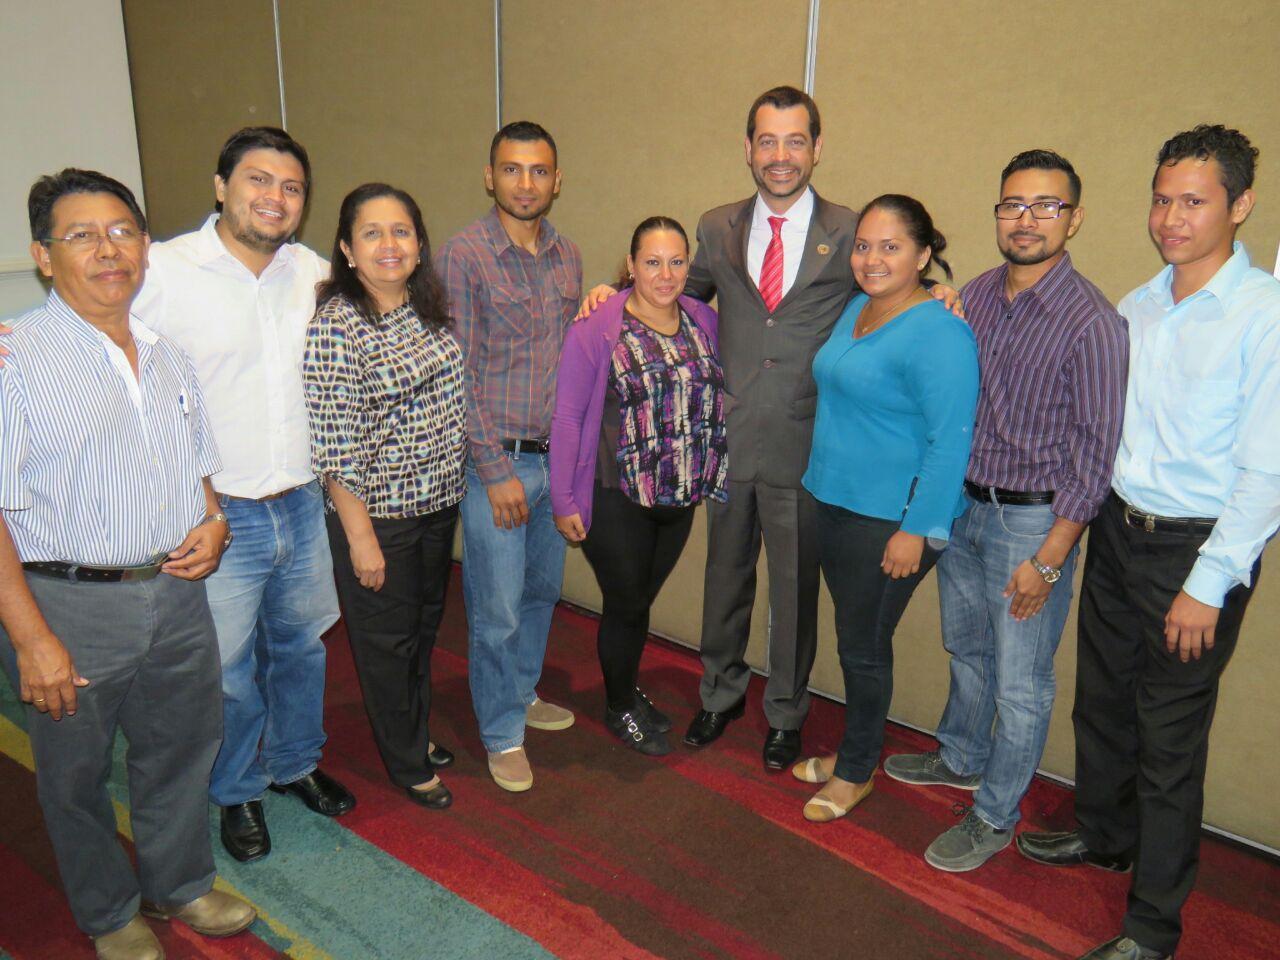 Mundubat y FIDA en El Salvador